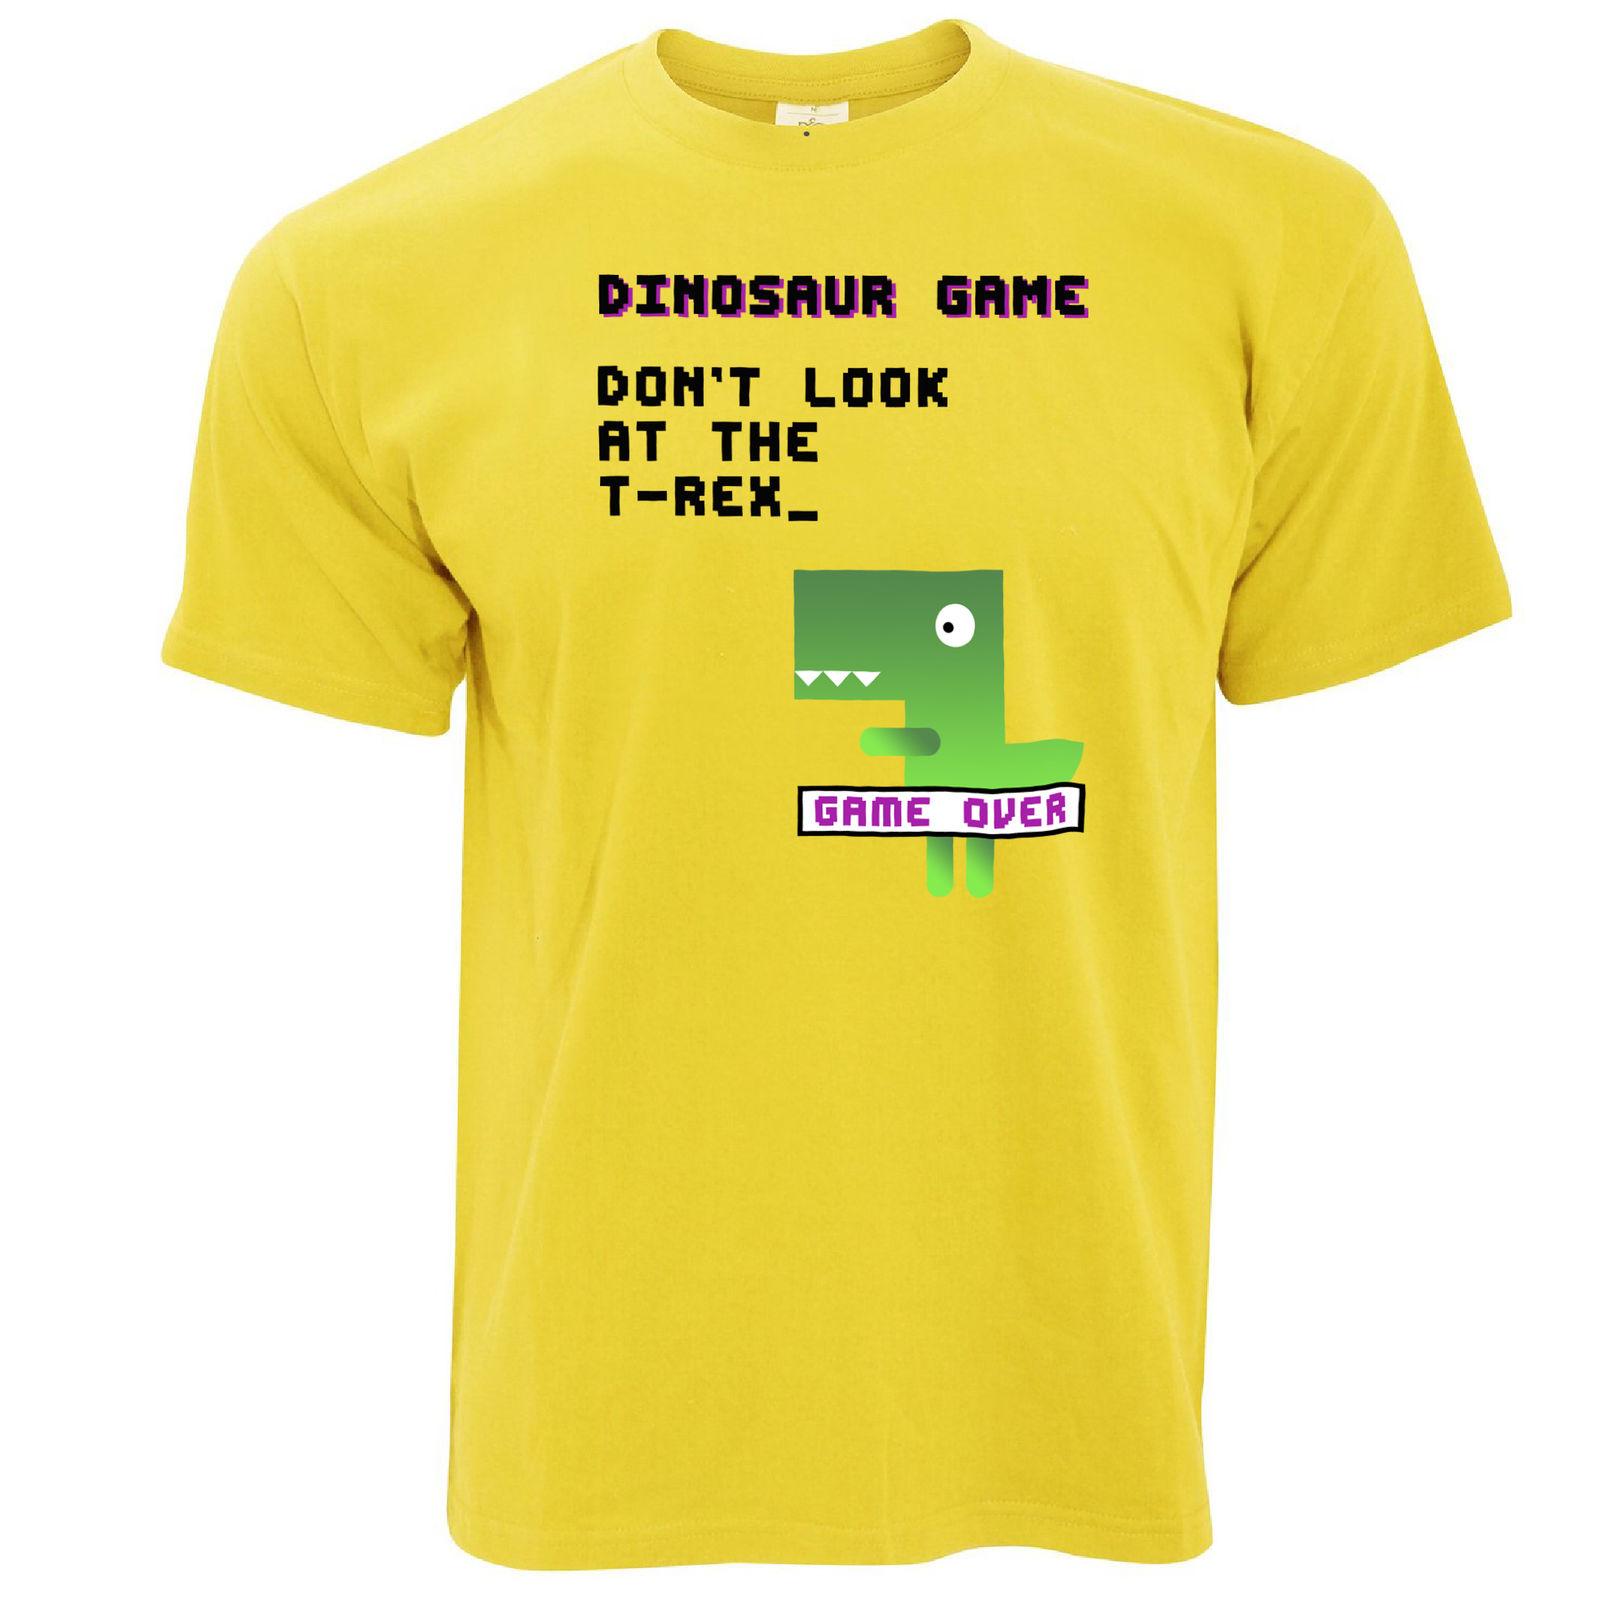 Динозавр T Rex игры 80 s консоли визуальный шутка печать логотипа Дизайн футболка мужска ...